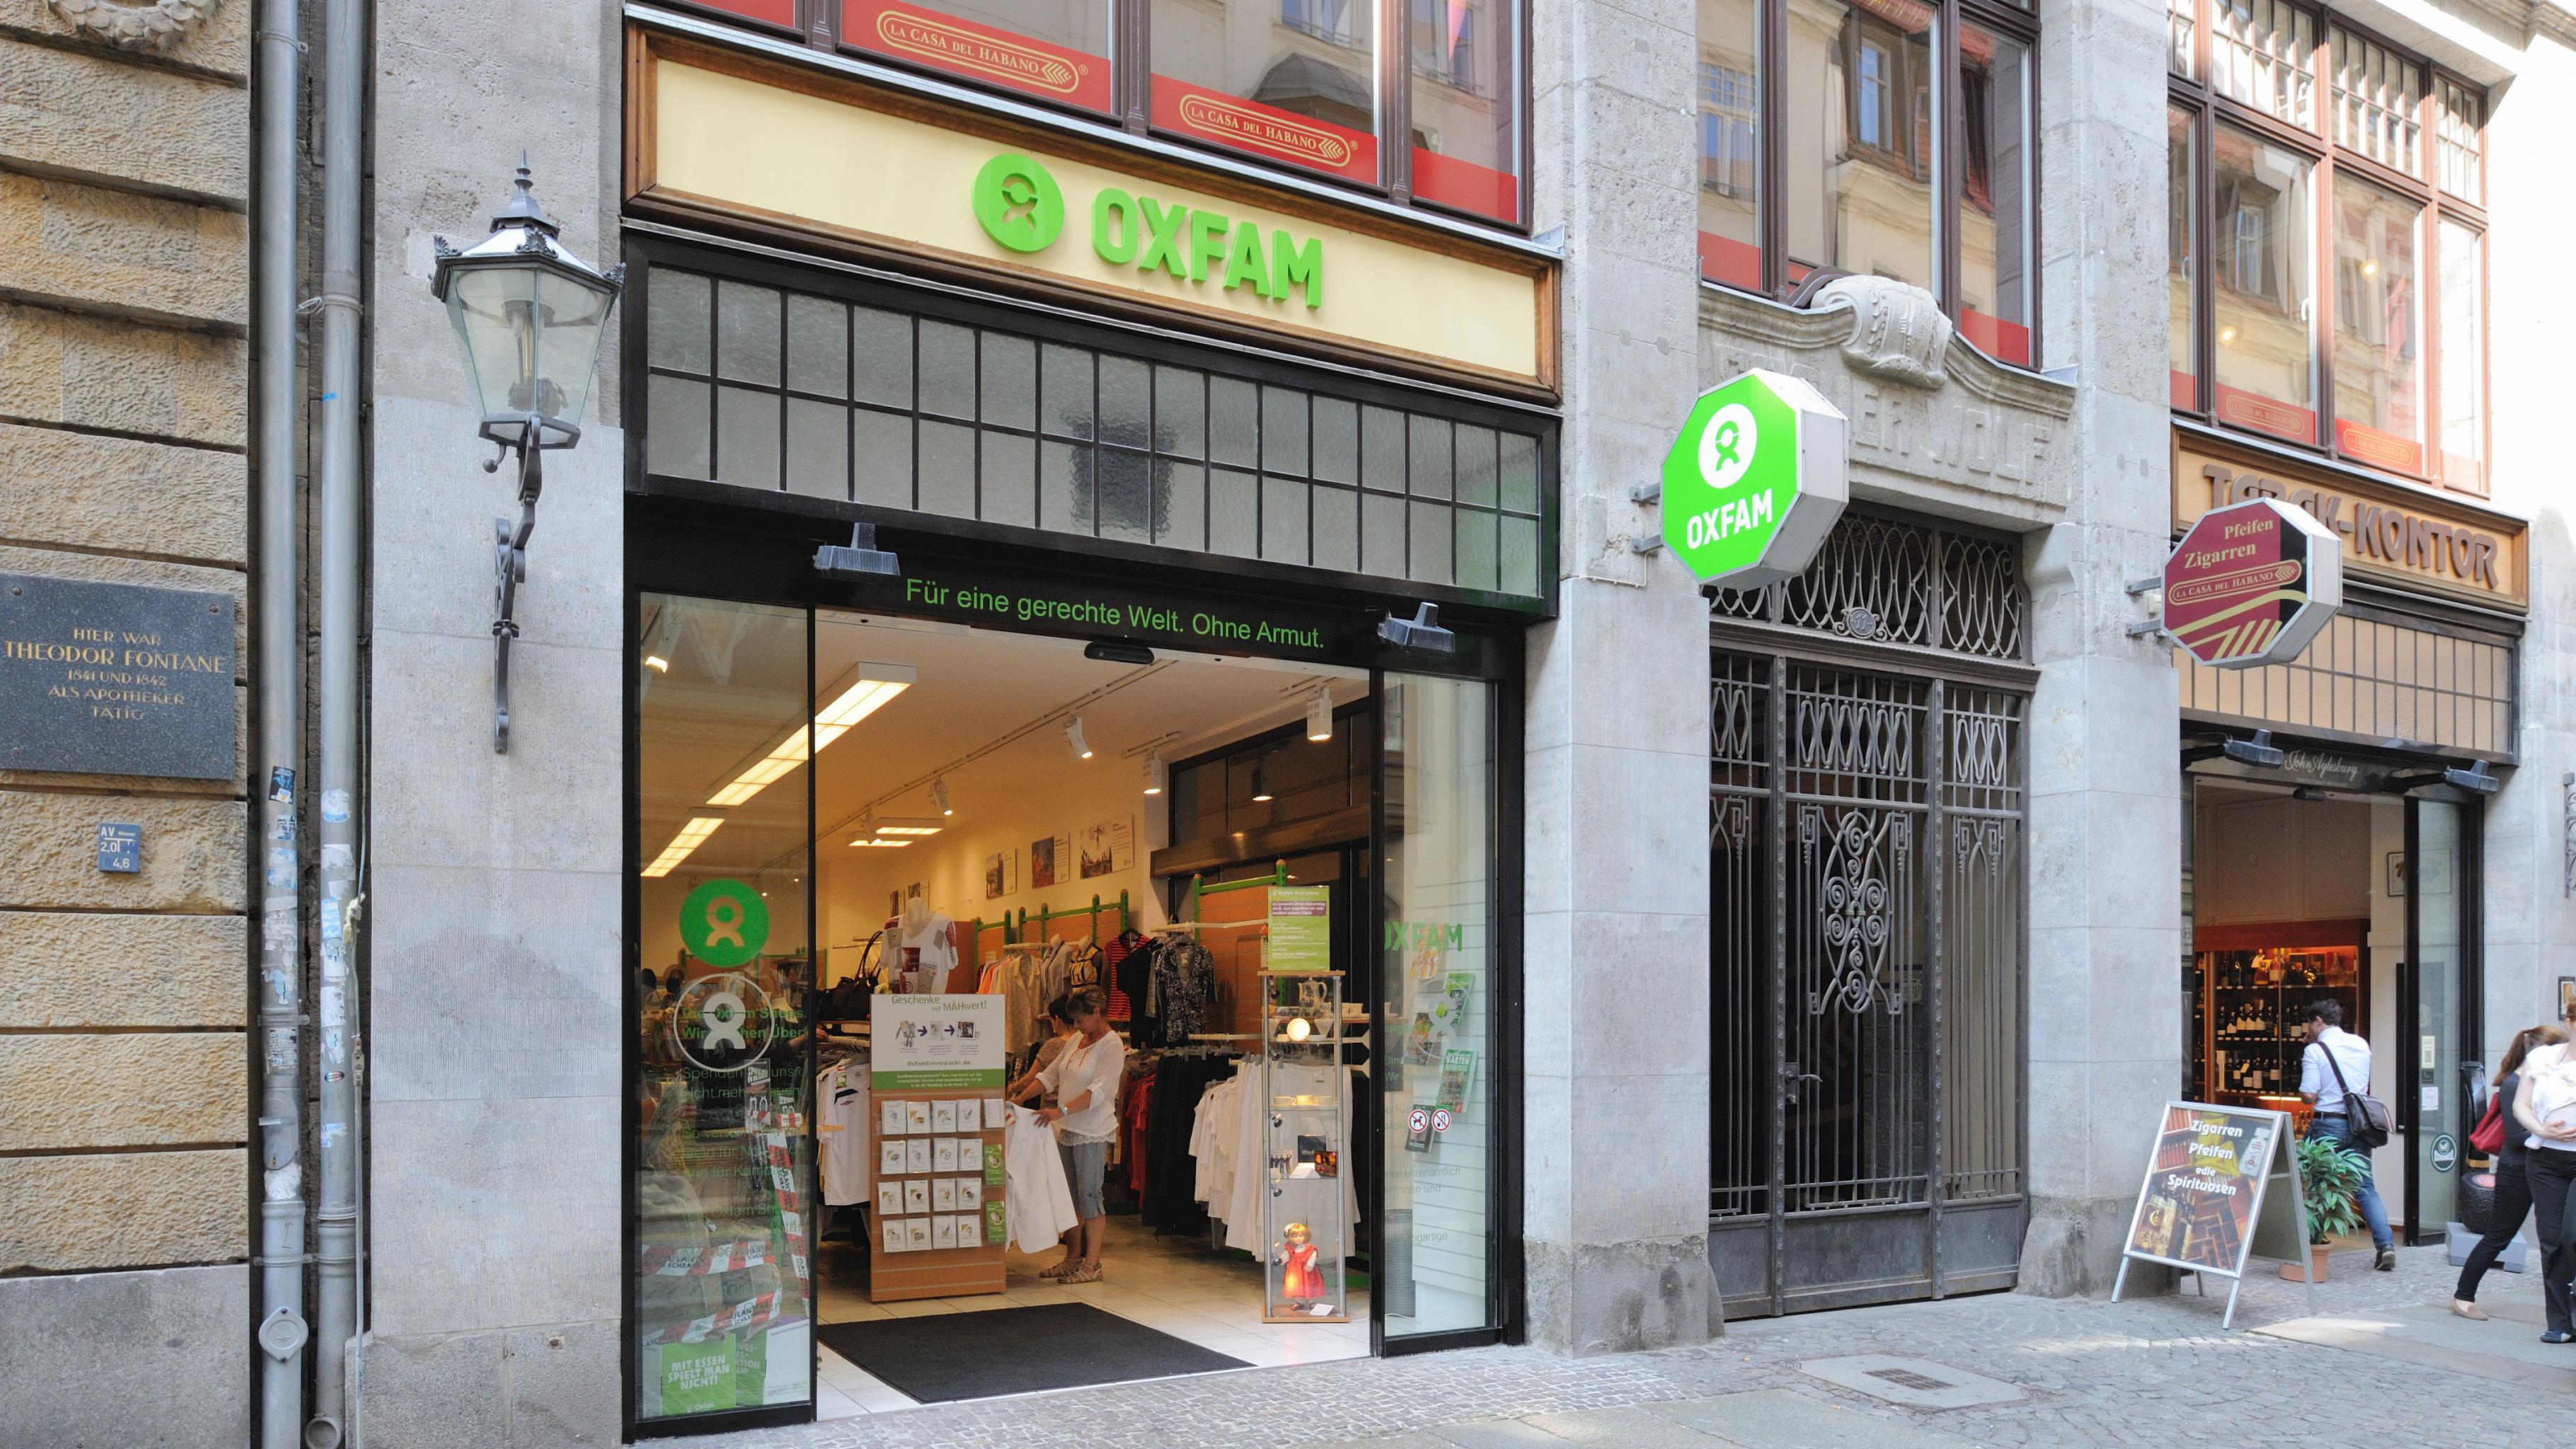 Oxfam Shop Leipzig - Außenansicht